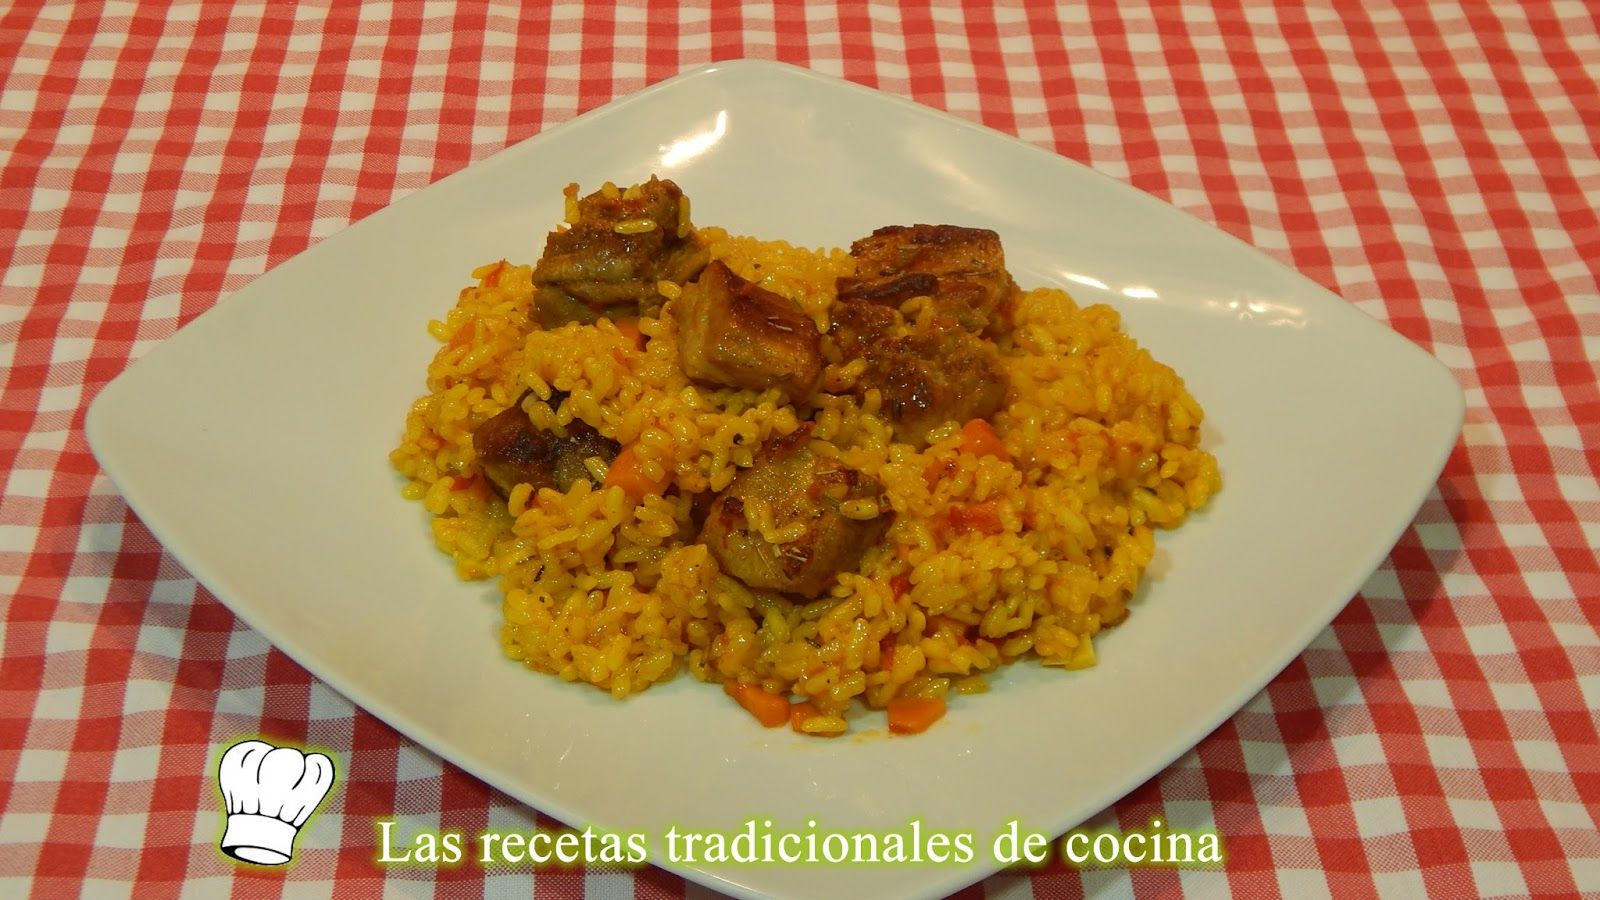 Arroz fácil con costillas adobadas - Recetas de cocina con sabor tradicional